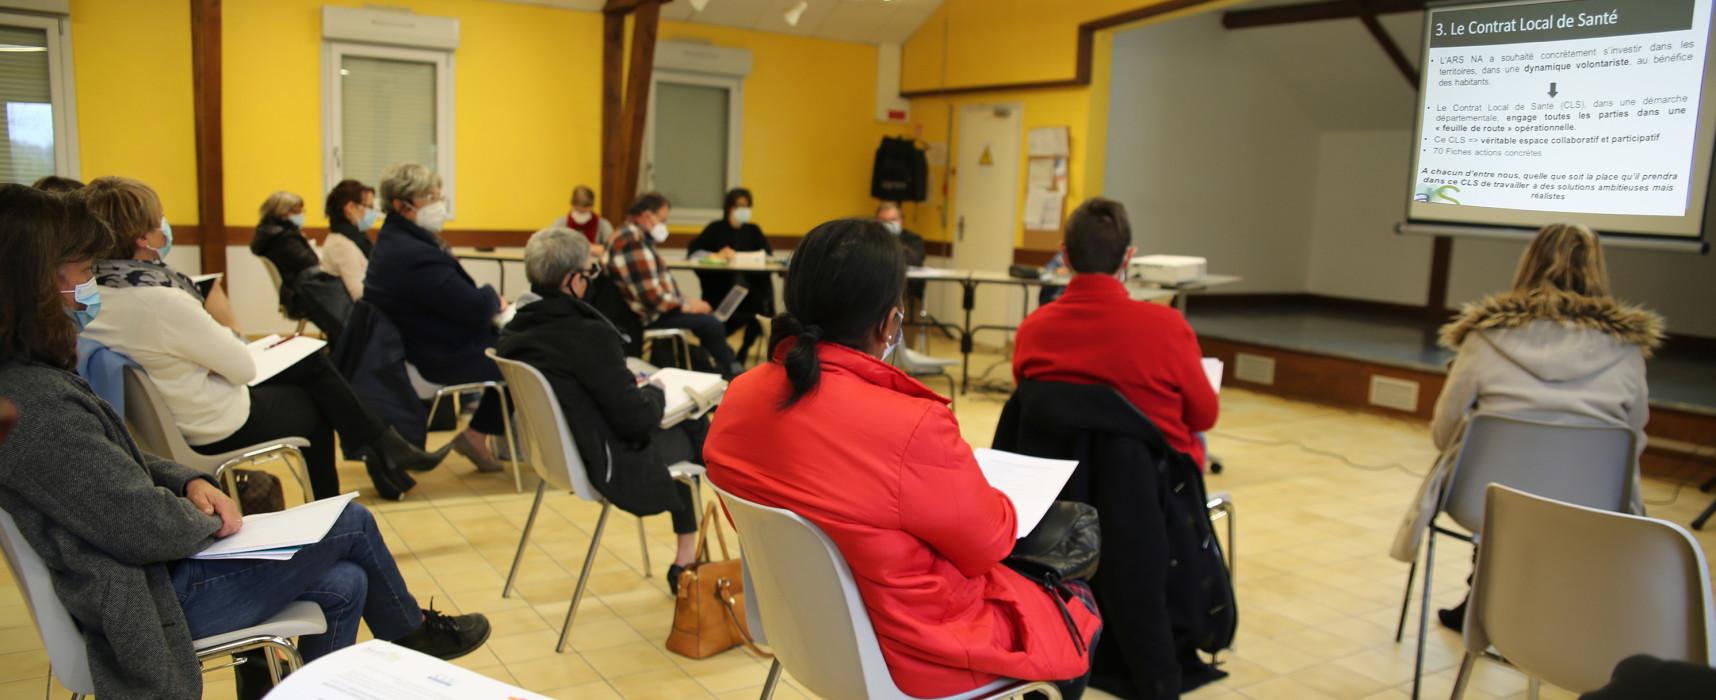 Première Commission Santé pour Creuse Grand Sud